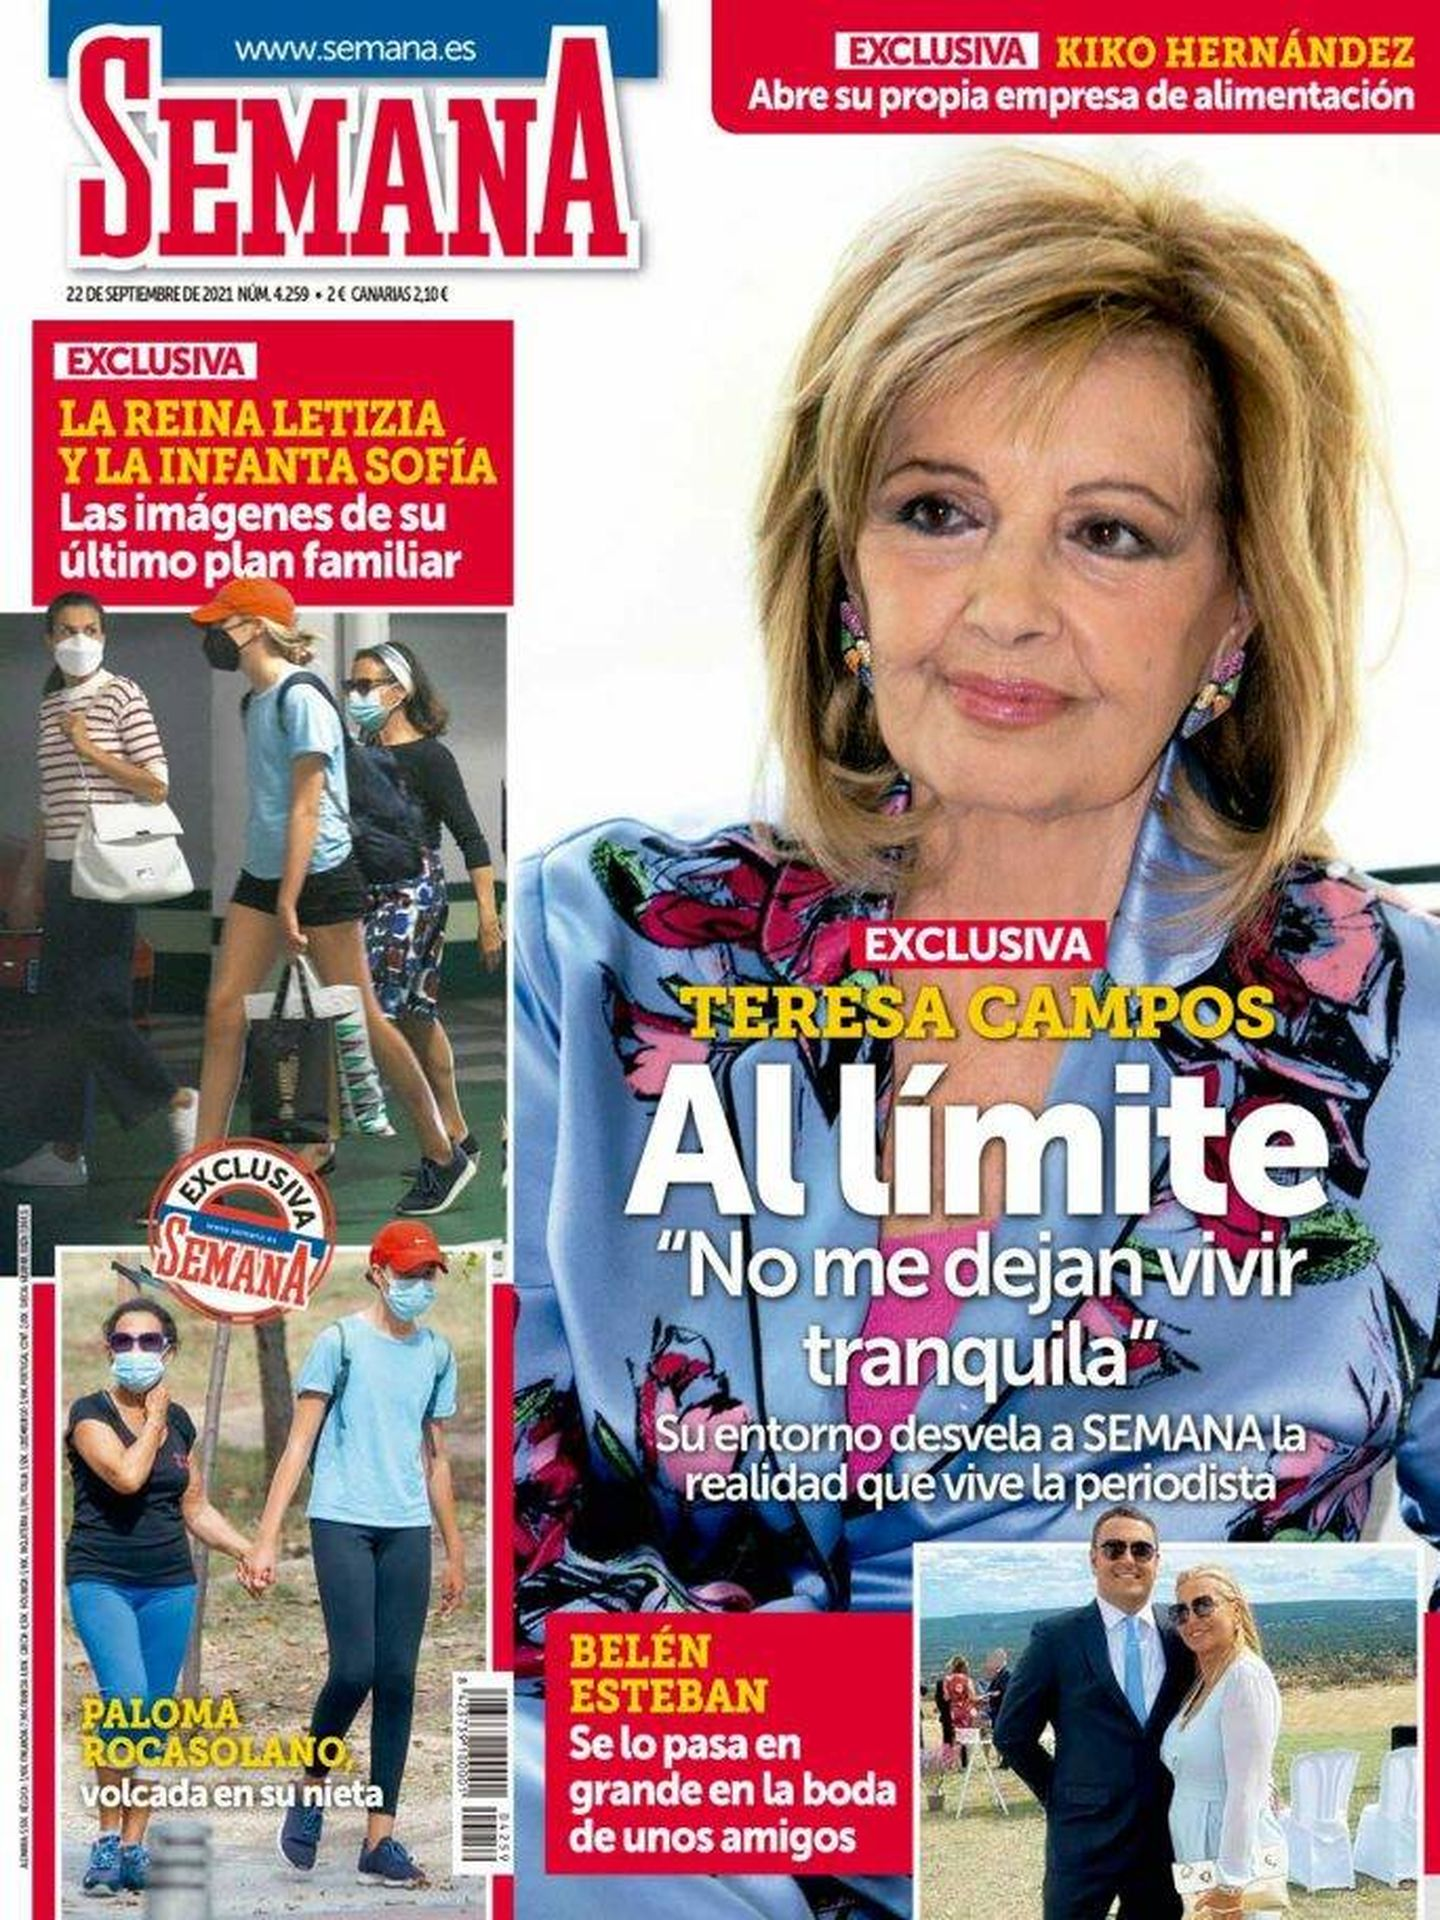 La portada de la revista 'Semana'.